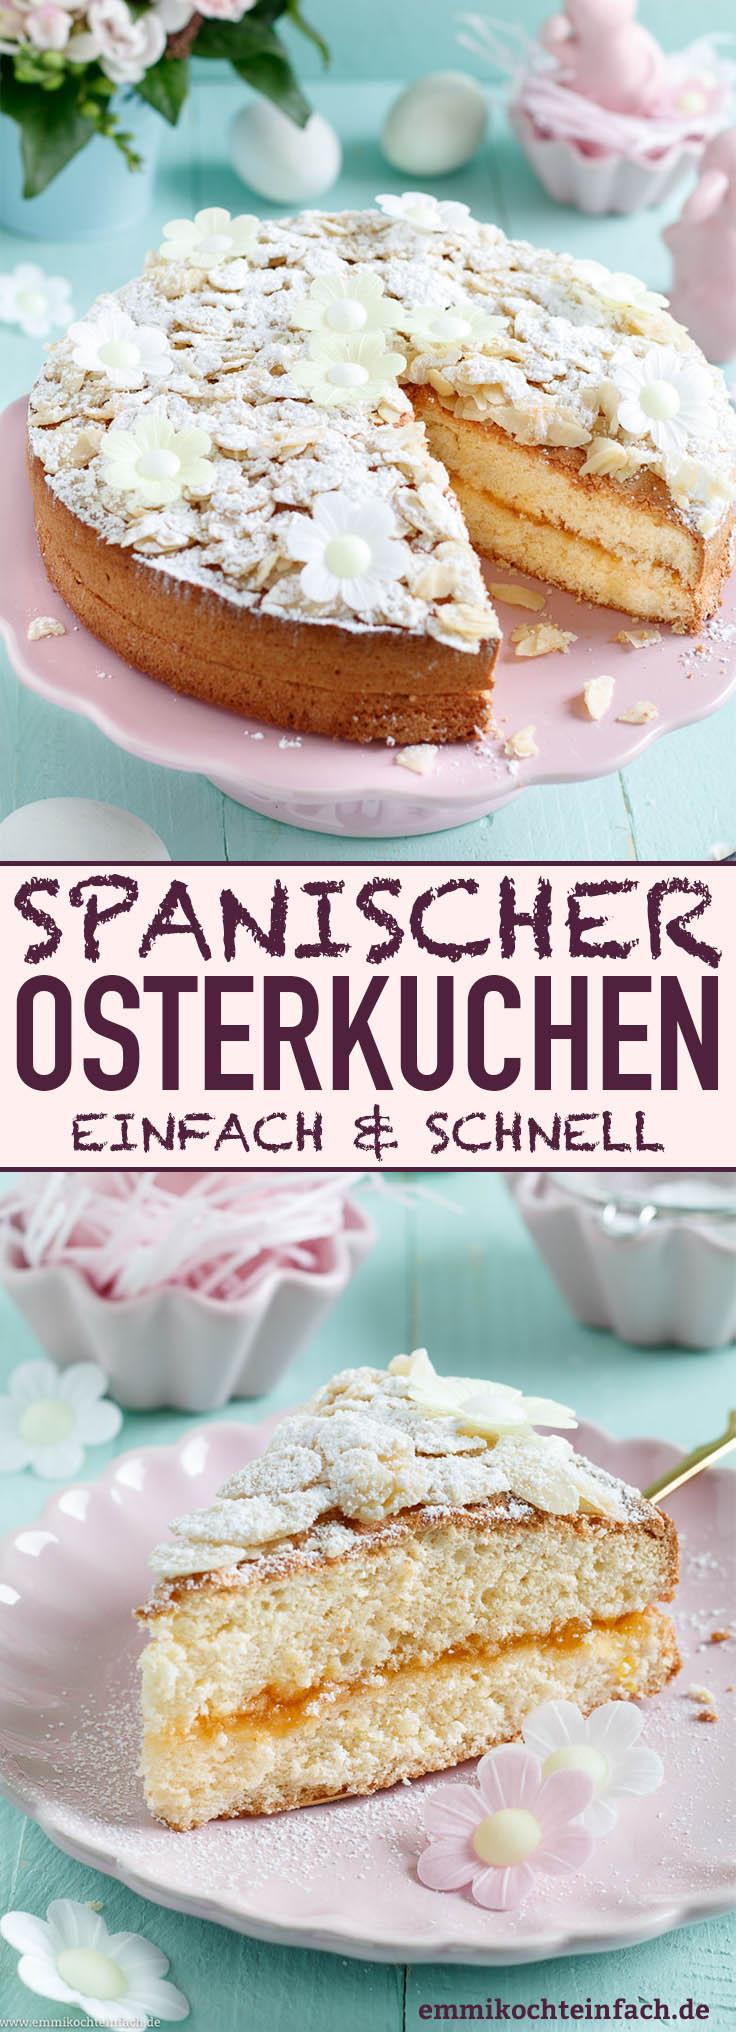 Spanischer Osterkuchen - www.emmikochteinfach.de